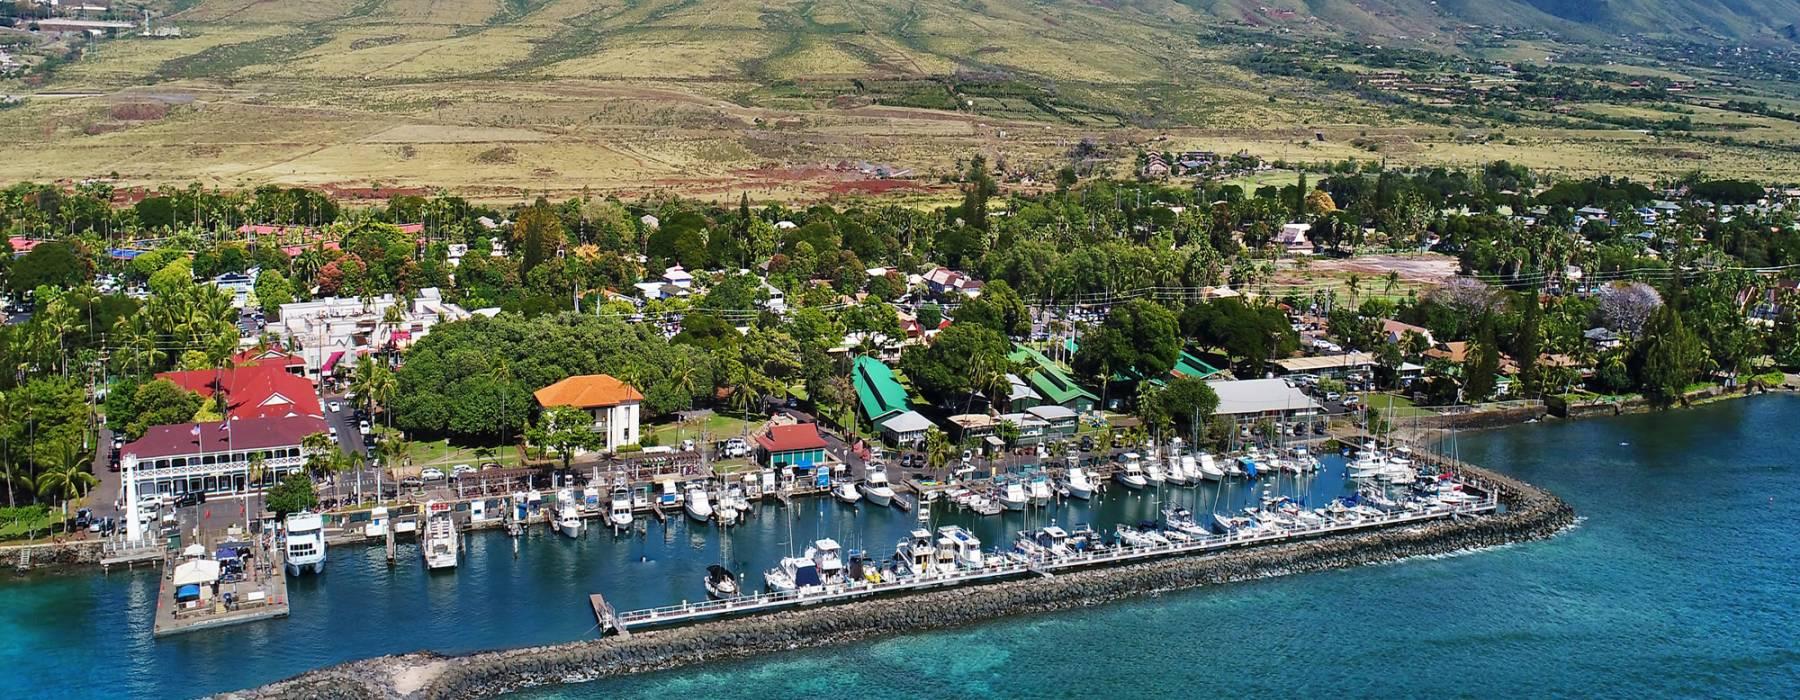 Lahaina Harbor and Lahaina Town on Maui Hawaii